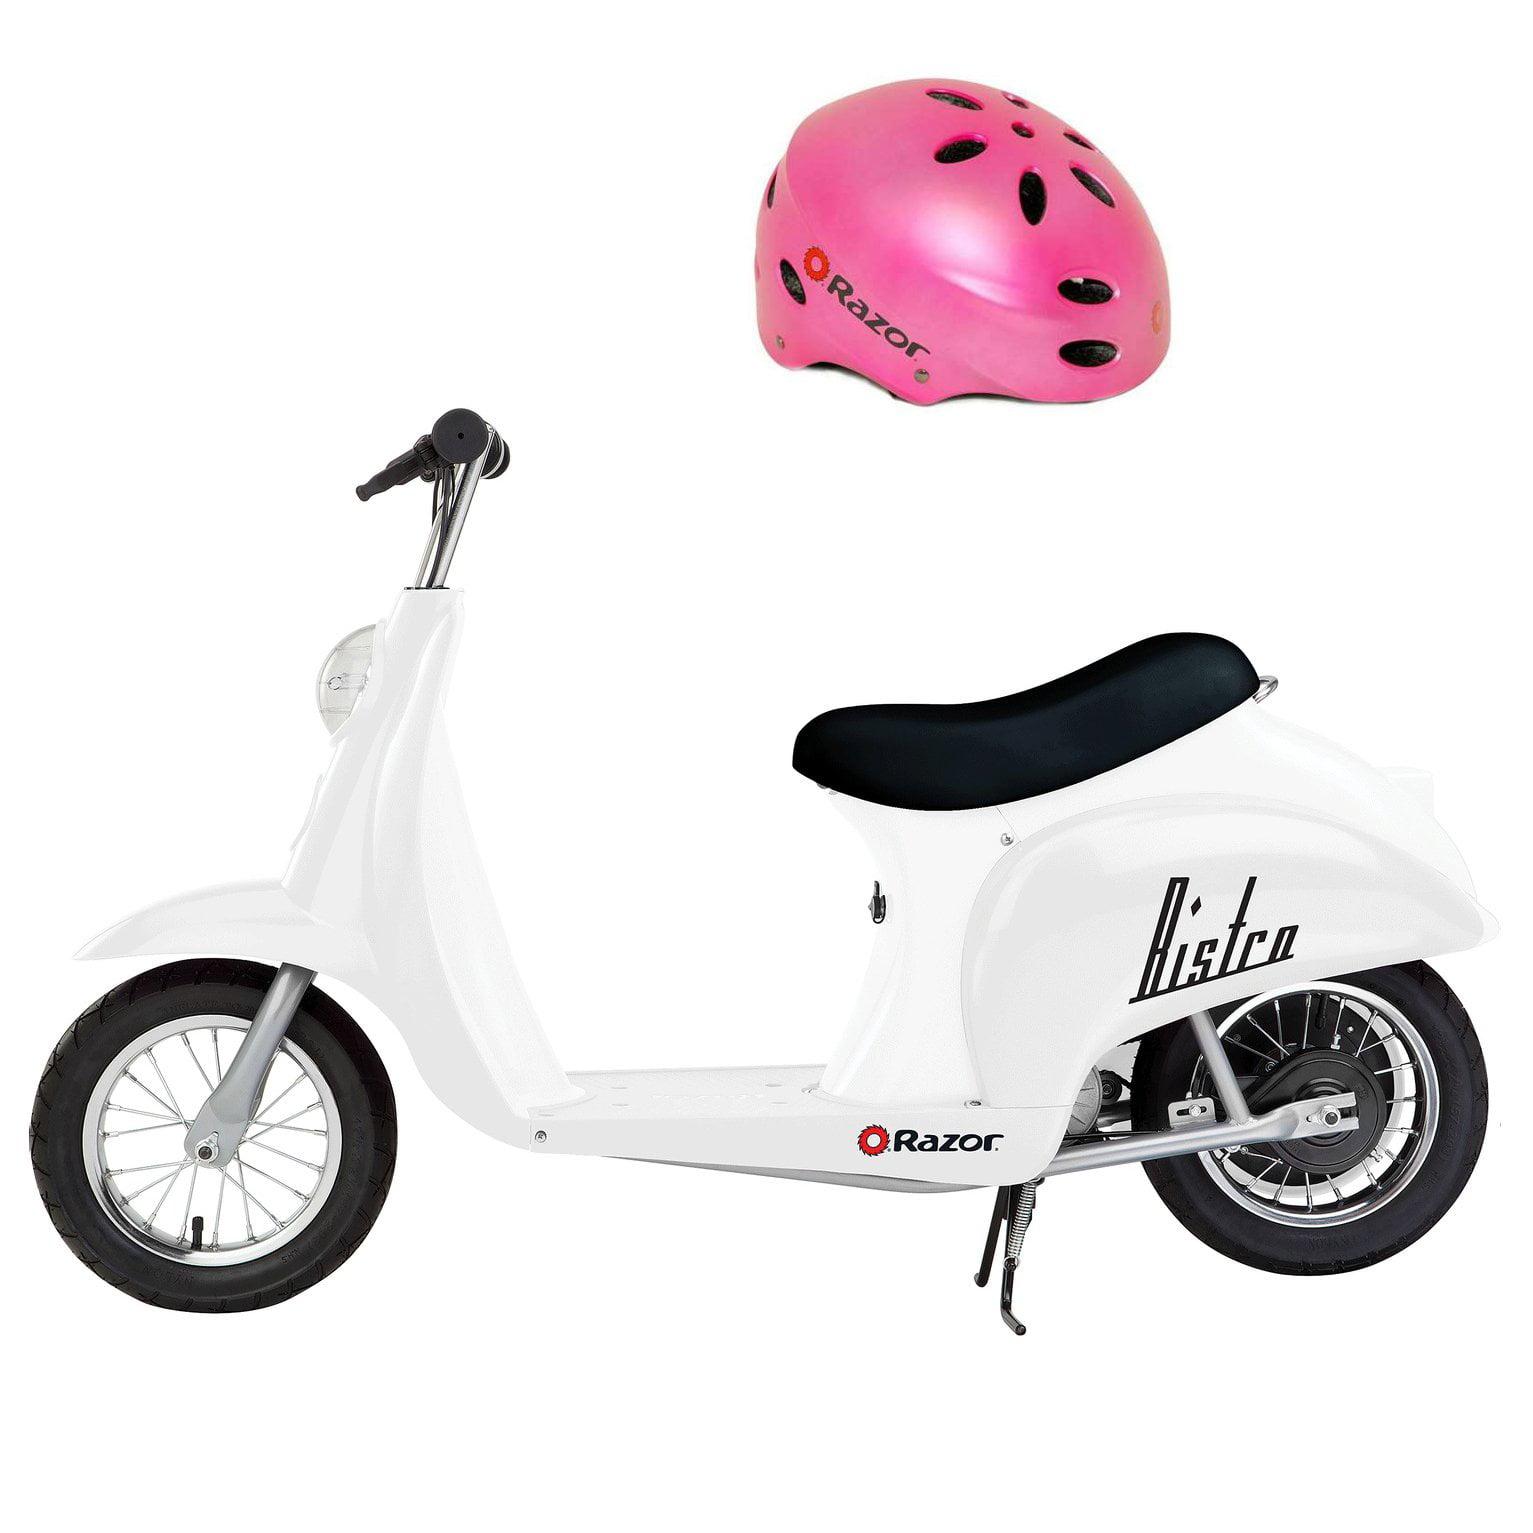 Razor Pocket Mod Mini Euro 24V 250W Toy Electric Motorized Scooter & Helmet by Razor